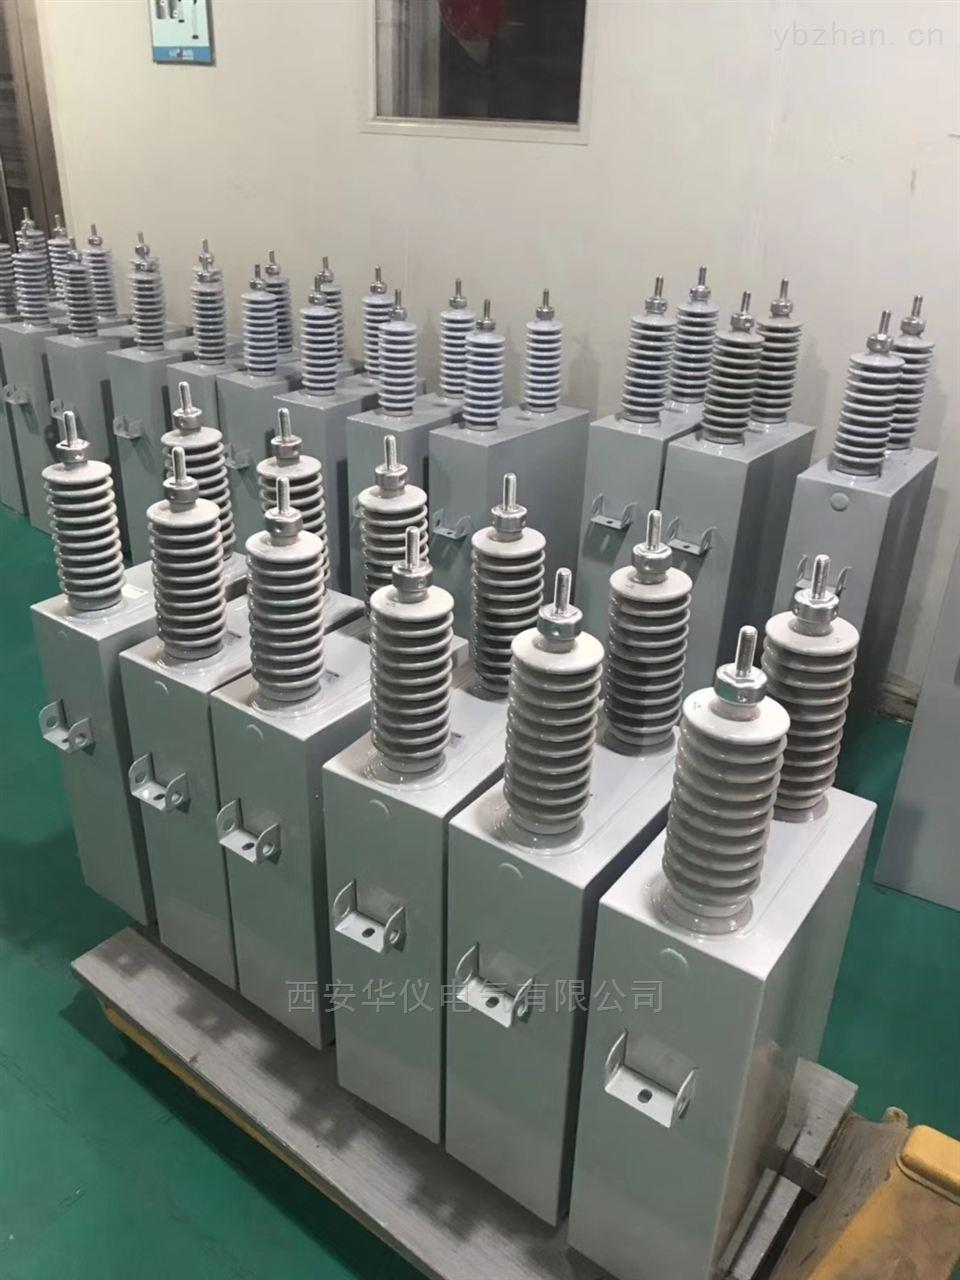 乌鲁木齐BFM11-100KVAR补偿电容器厂家